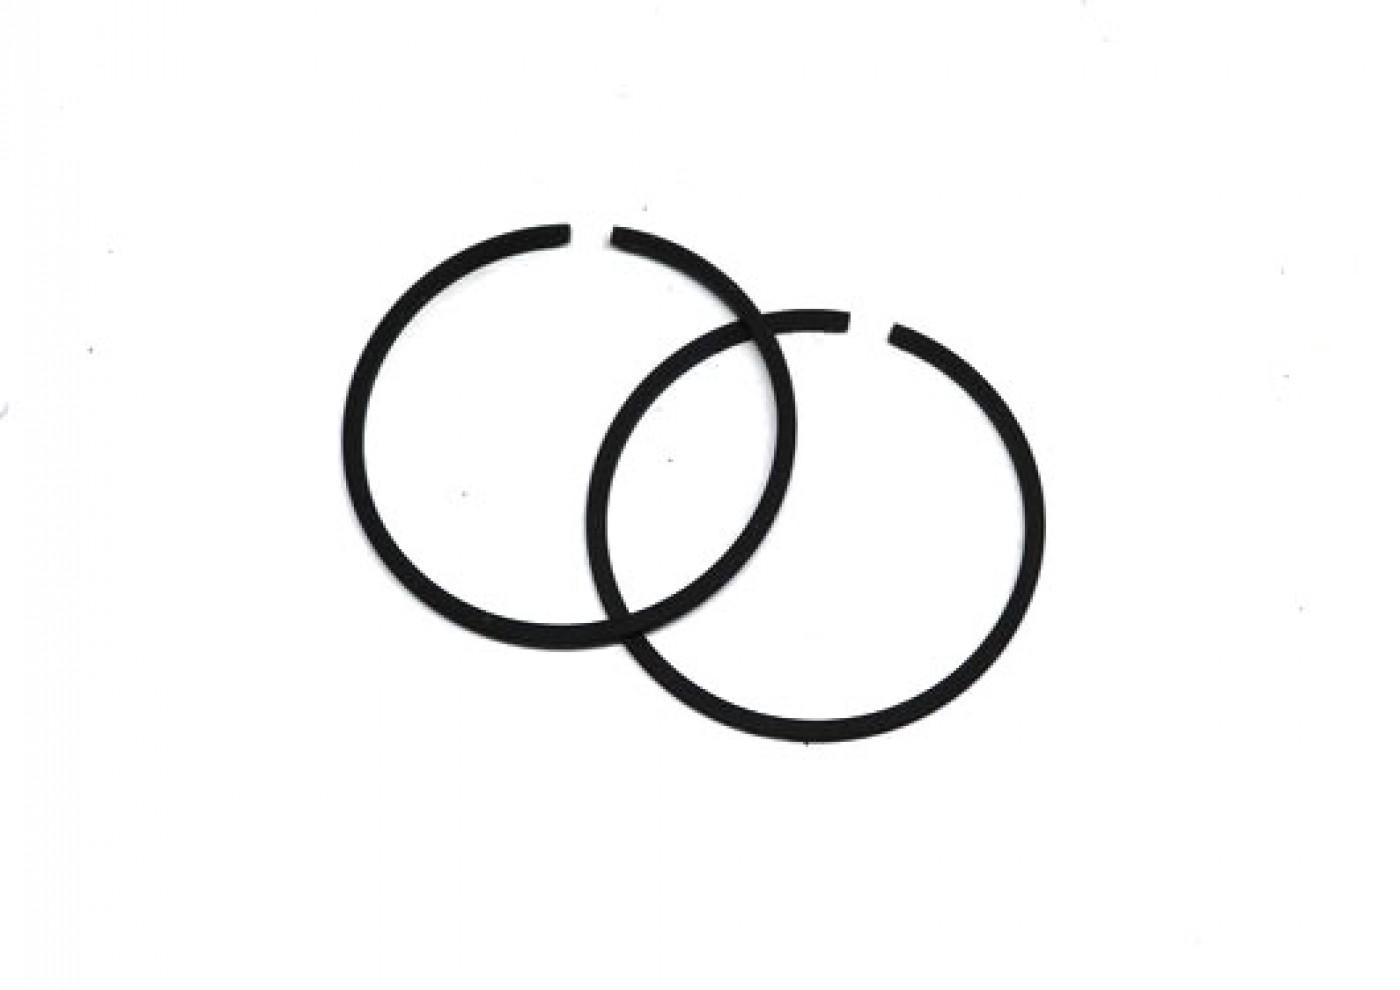 Sada pístních kroužků Stihl MS260 026 - 44,7 mm